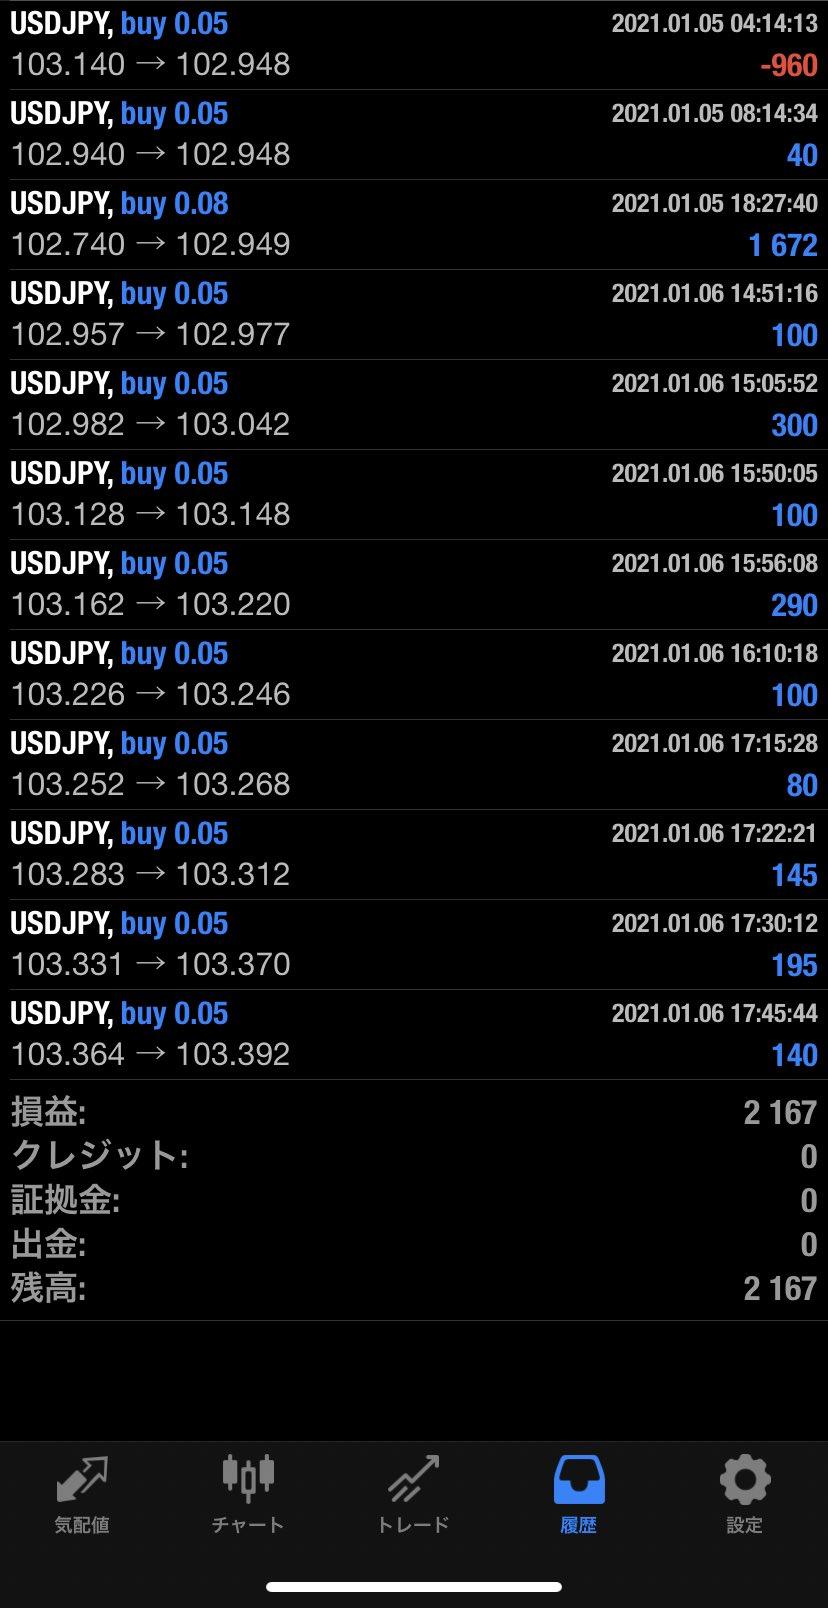 2021年1月6日 USD/JPYバージョン2,167円